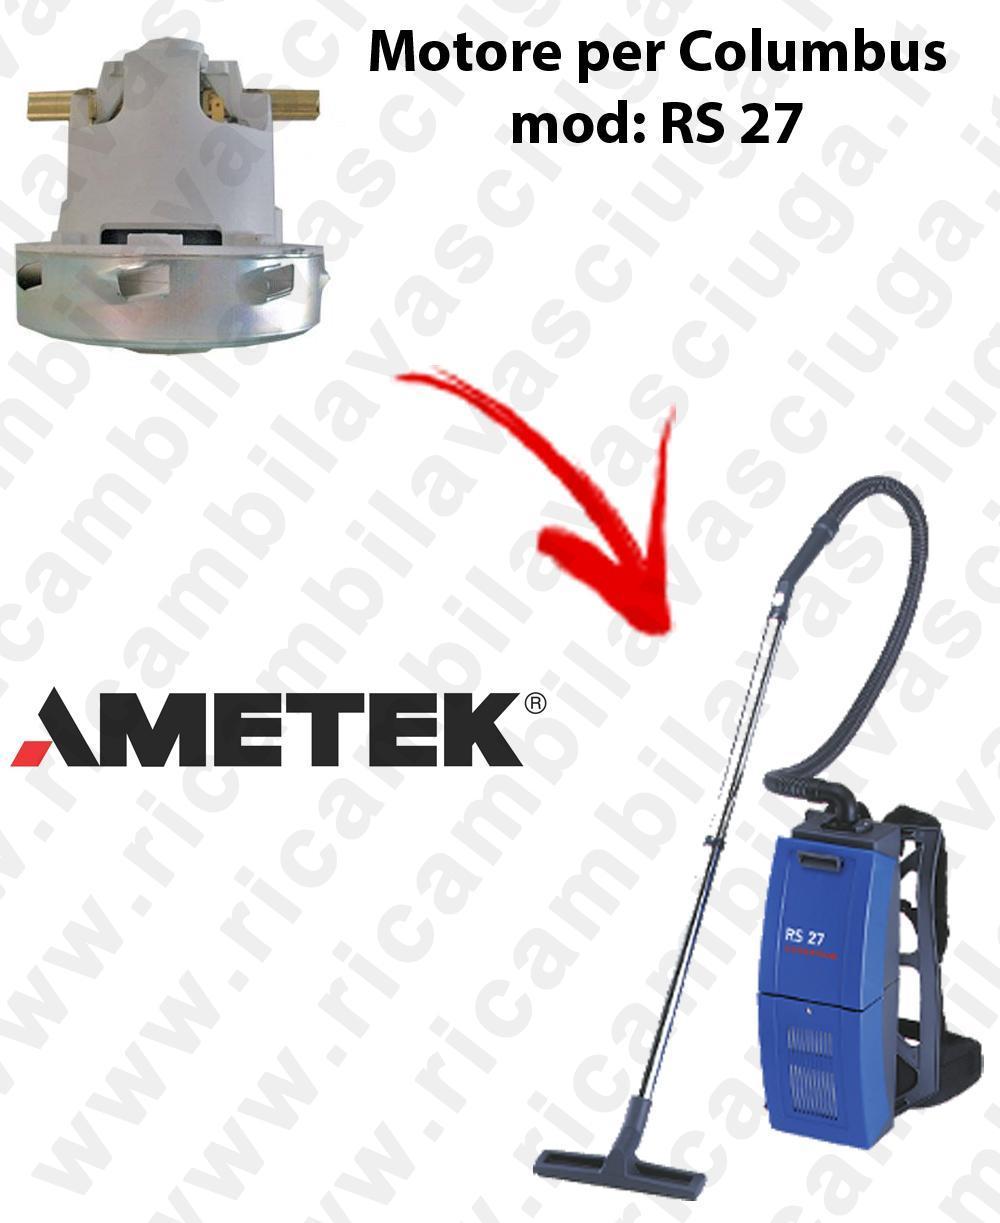 RS 27  Ametek Vacuum Motor for Vacuum cleaner Columbus